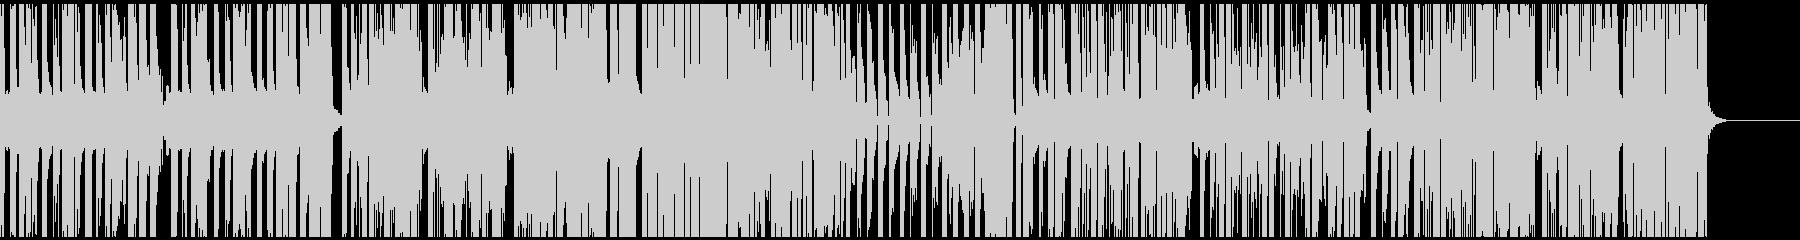 キャッチーなメロディと日本語の羅列の未再生の波形